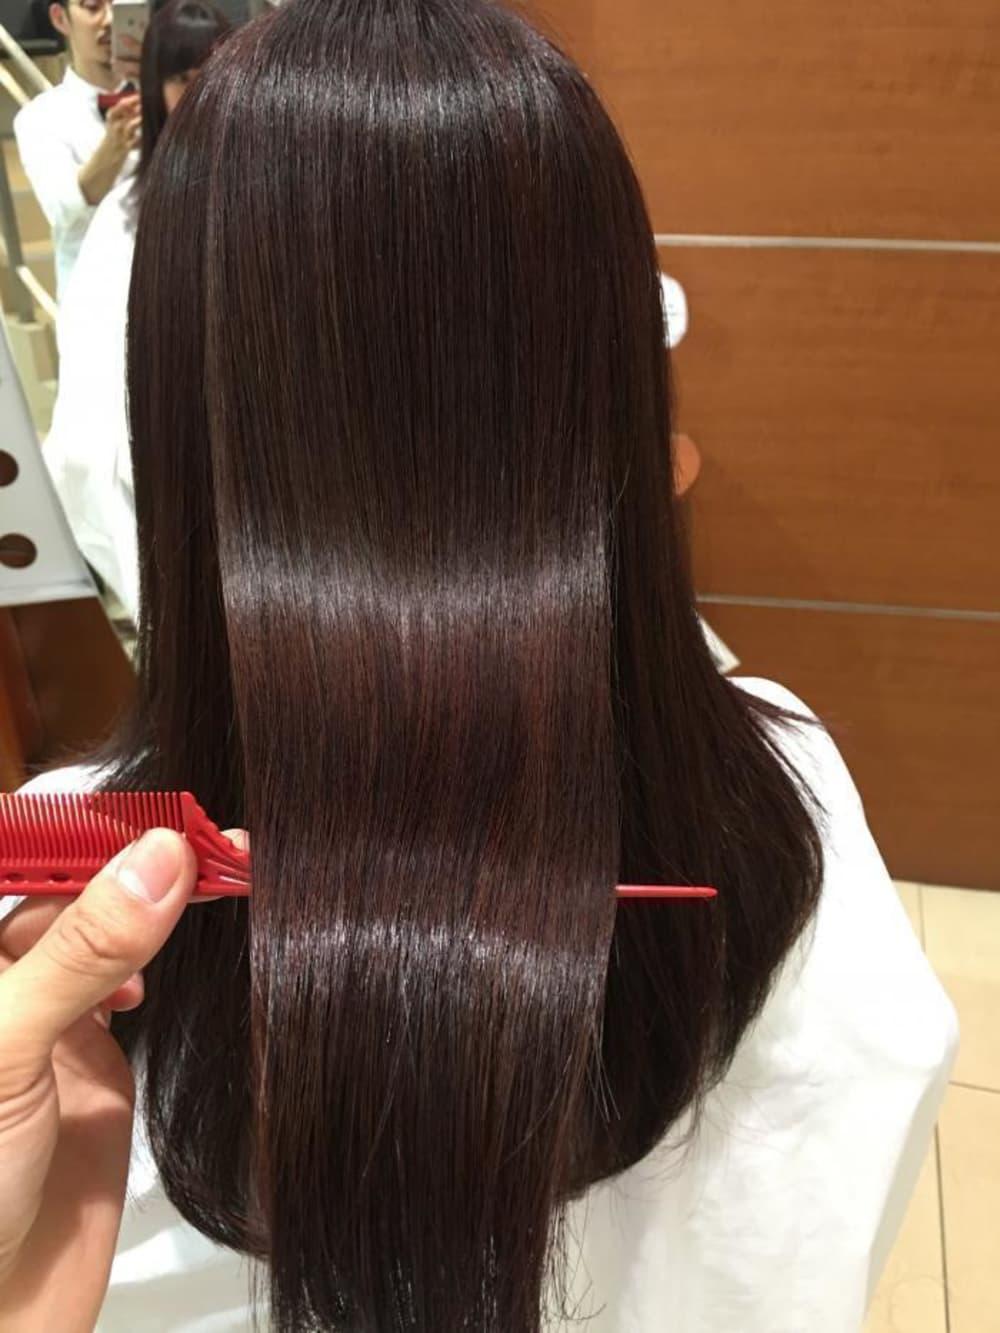 ○縮毛矯正の適正な価格は??